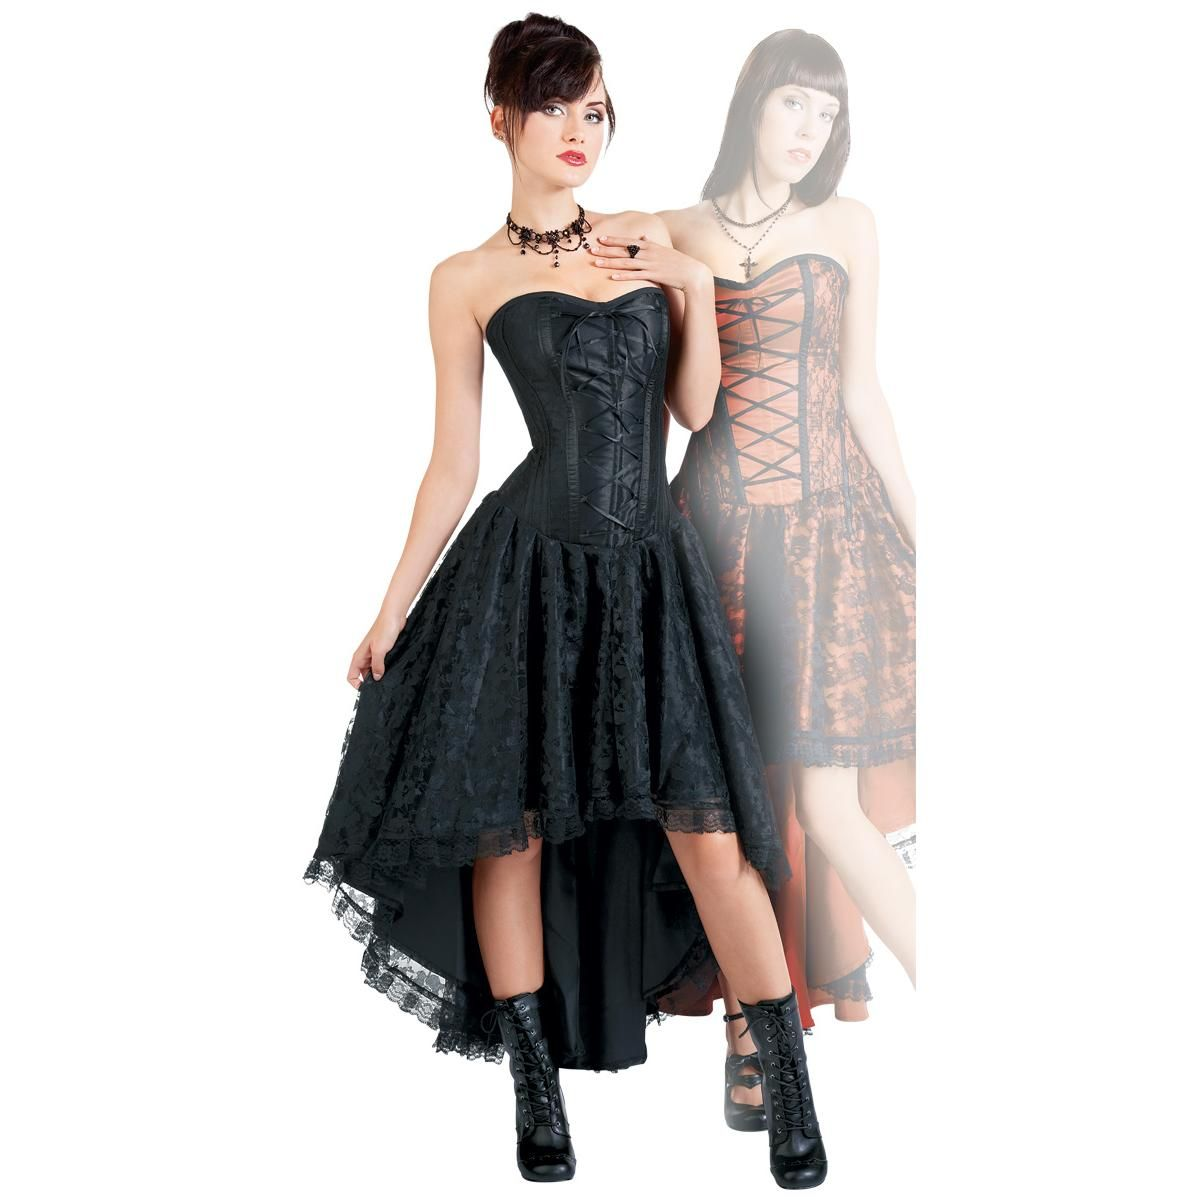 Black Lace Hi-Lo Corset Bustier Mollflander - Maxi dress by Burleska -  Article Number  166654   EMP  130 7c93f7af3f